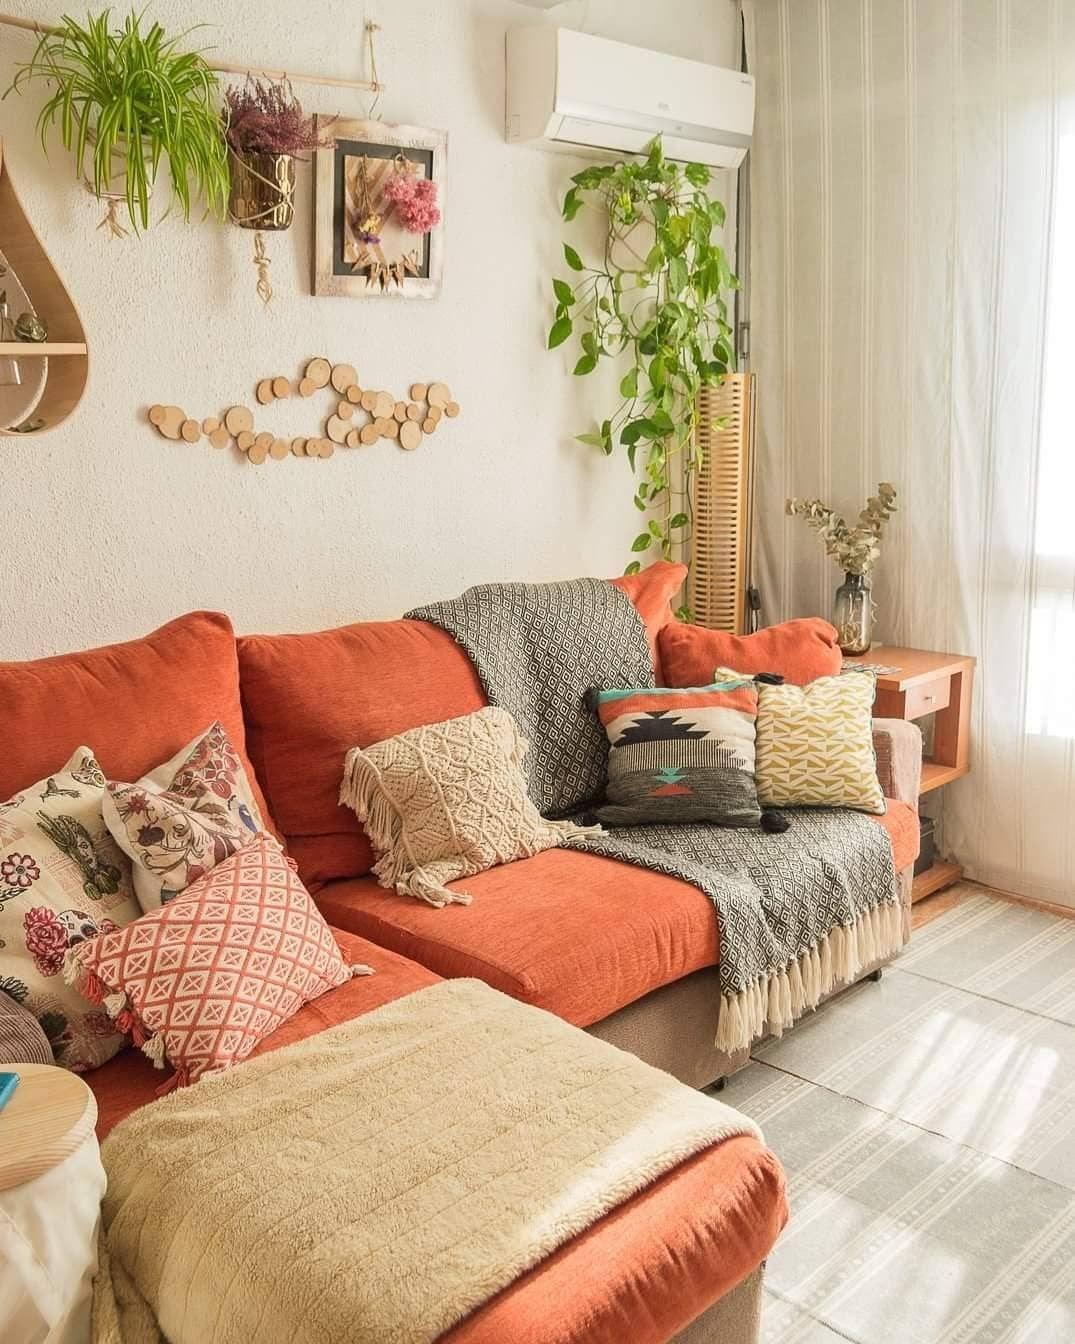 sala com plantas decoração colorida sofá laranja